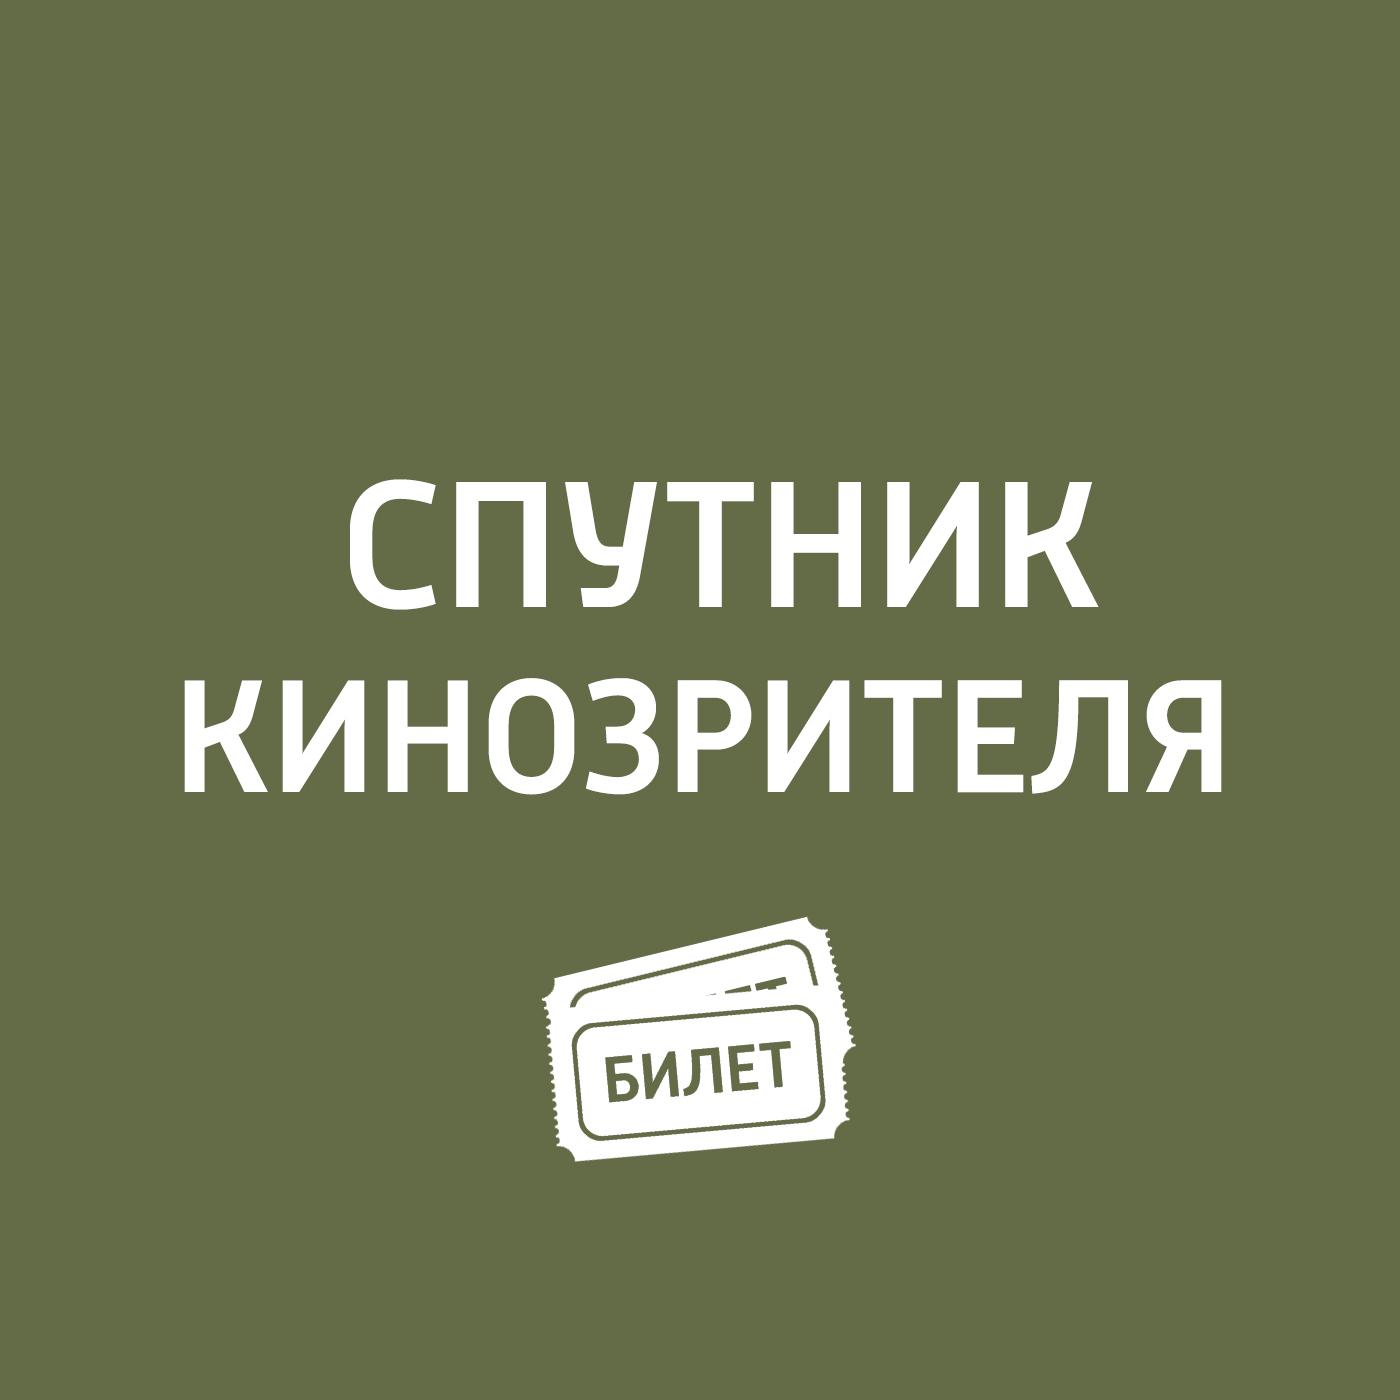 Антон Долин Канны 2017. Самый слабый фестиваль за последние годы